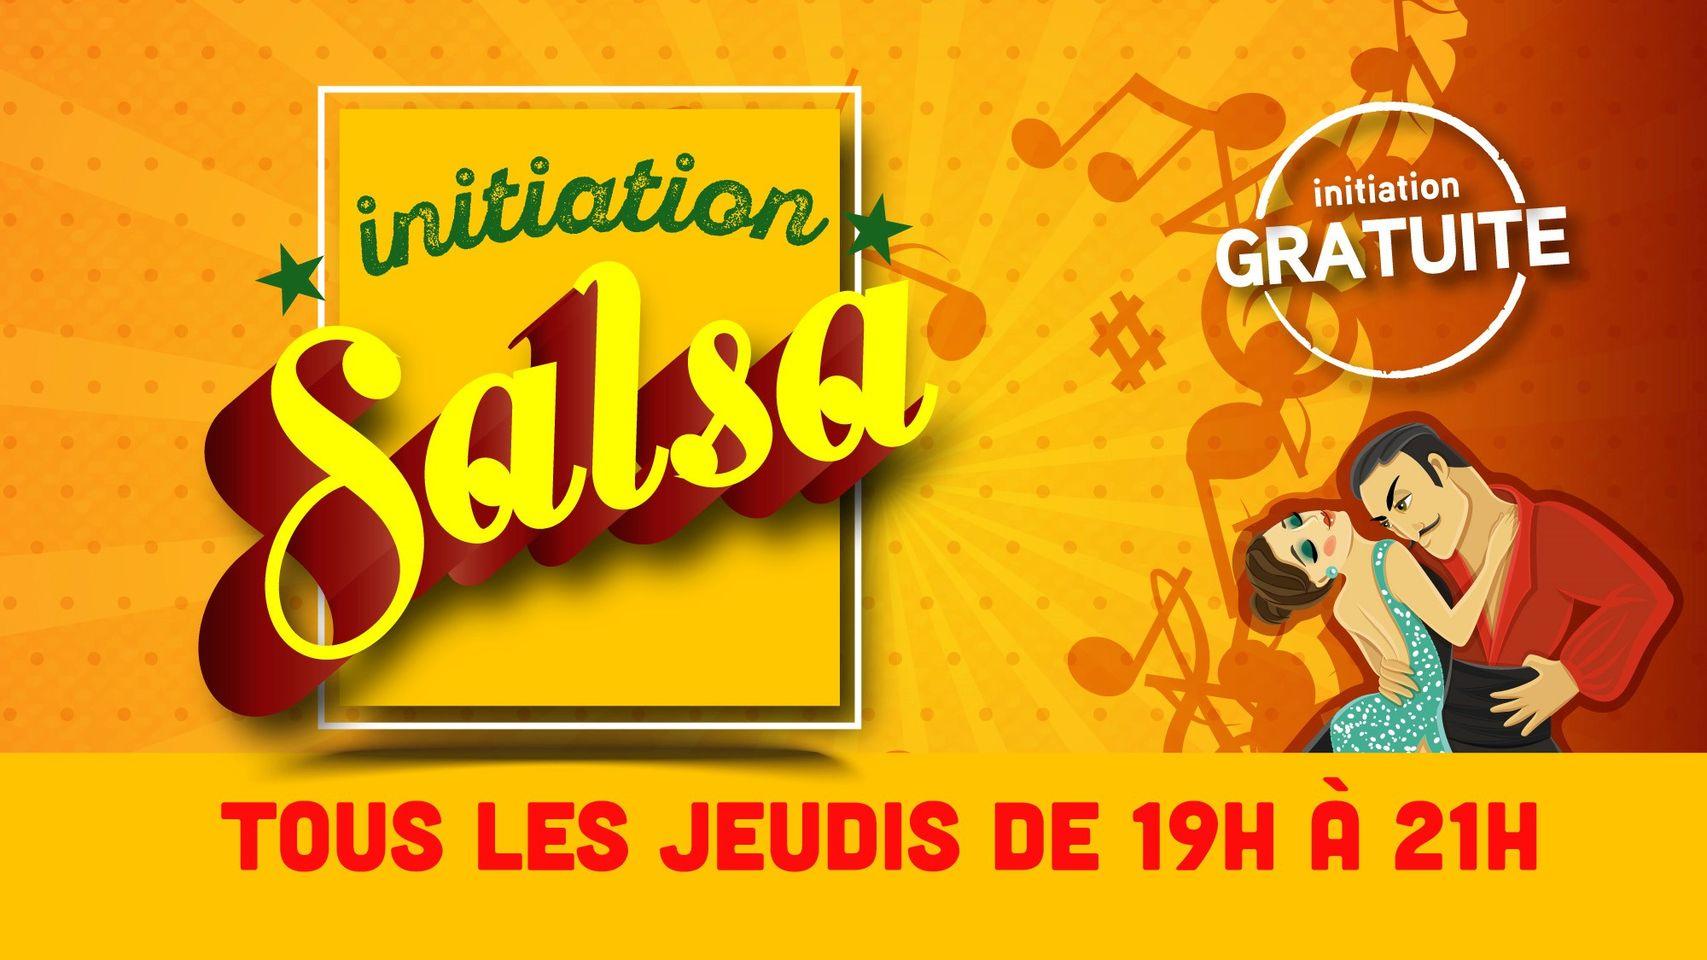 https://the-place-to-be.fr/wp-content/uploads/2021/10/initiation-gratuite-salsa-jeudis-B11-merignac-bordeaux-2021-e60fee78.jpg